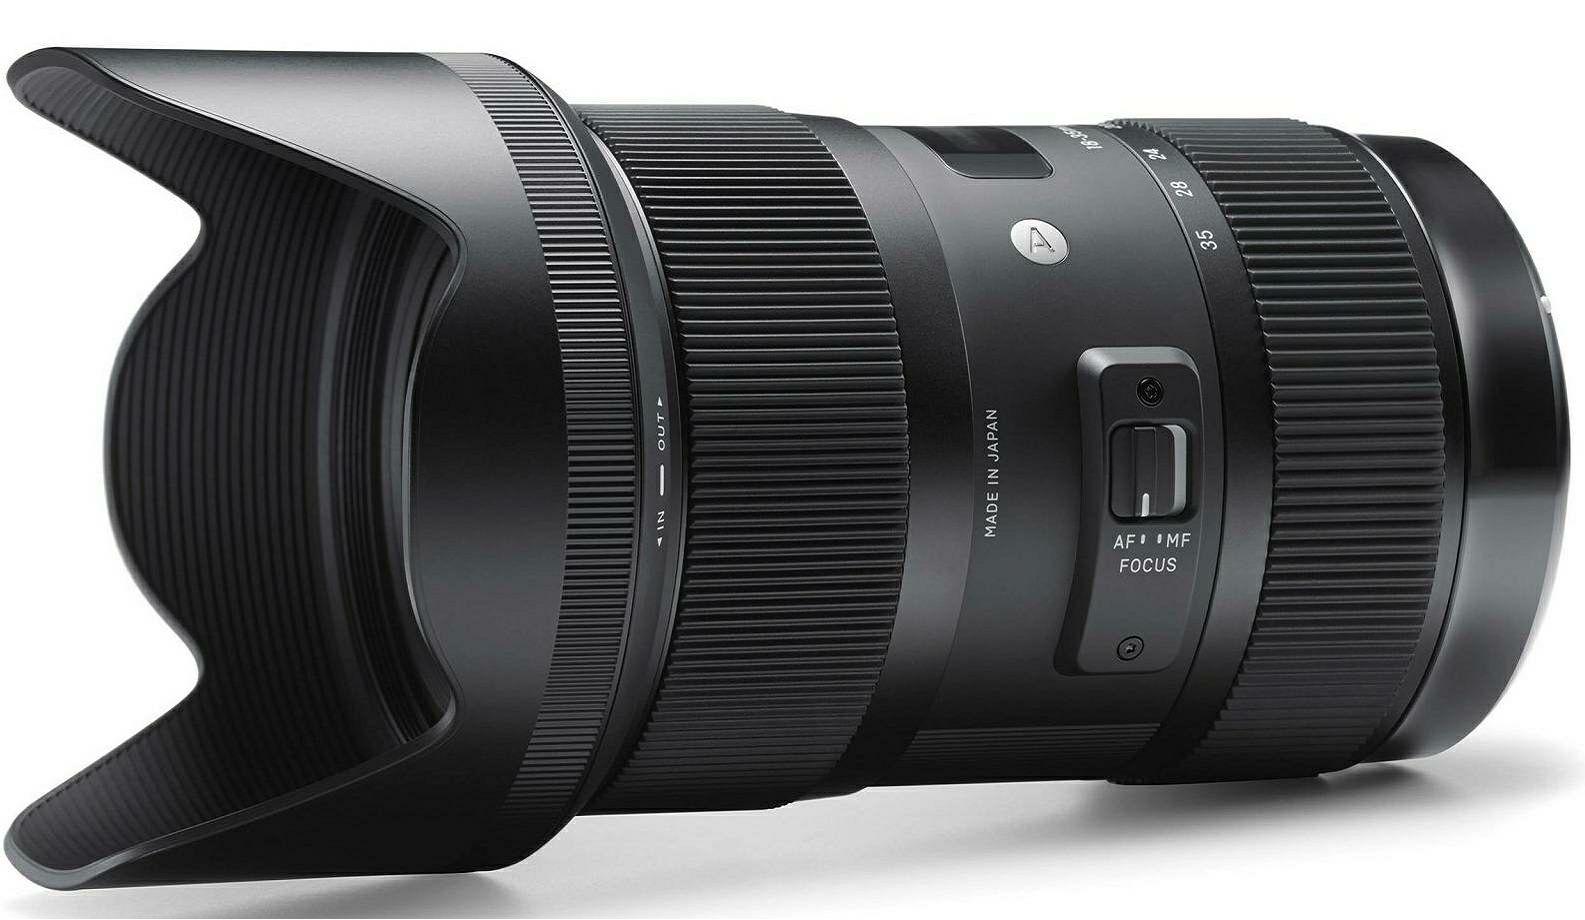 Sigma 18-35mm f/1.8 DC HSM ART širokokutni objektiv za Sigma SA 18-35 F/1,8 F1.8 1.8 wide angle zoom lens (210110)